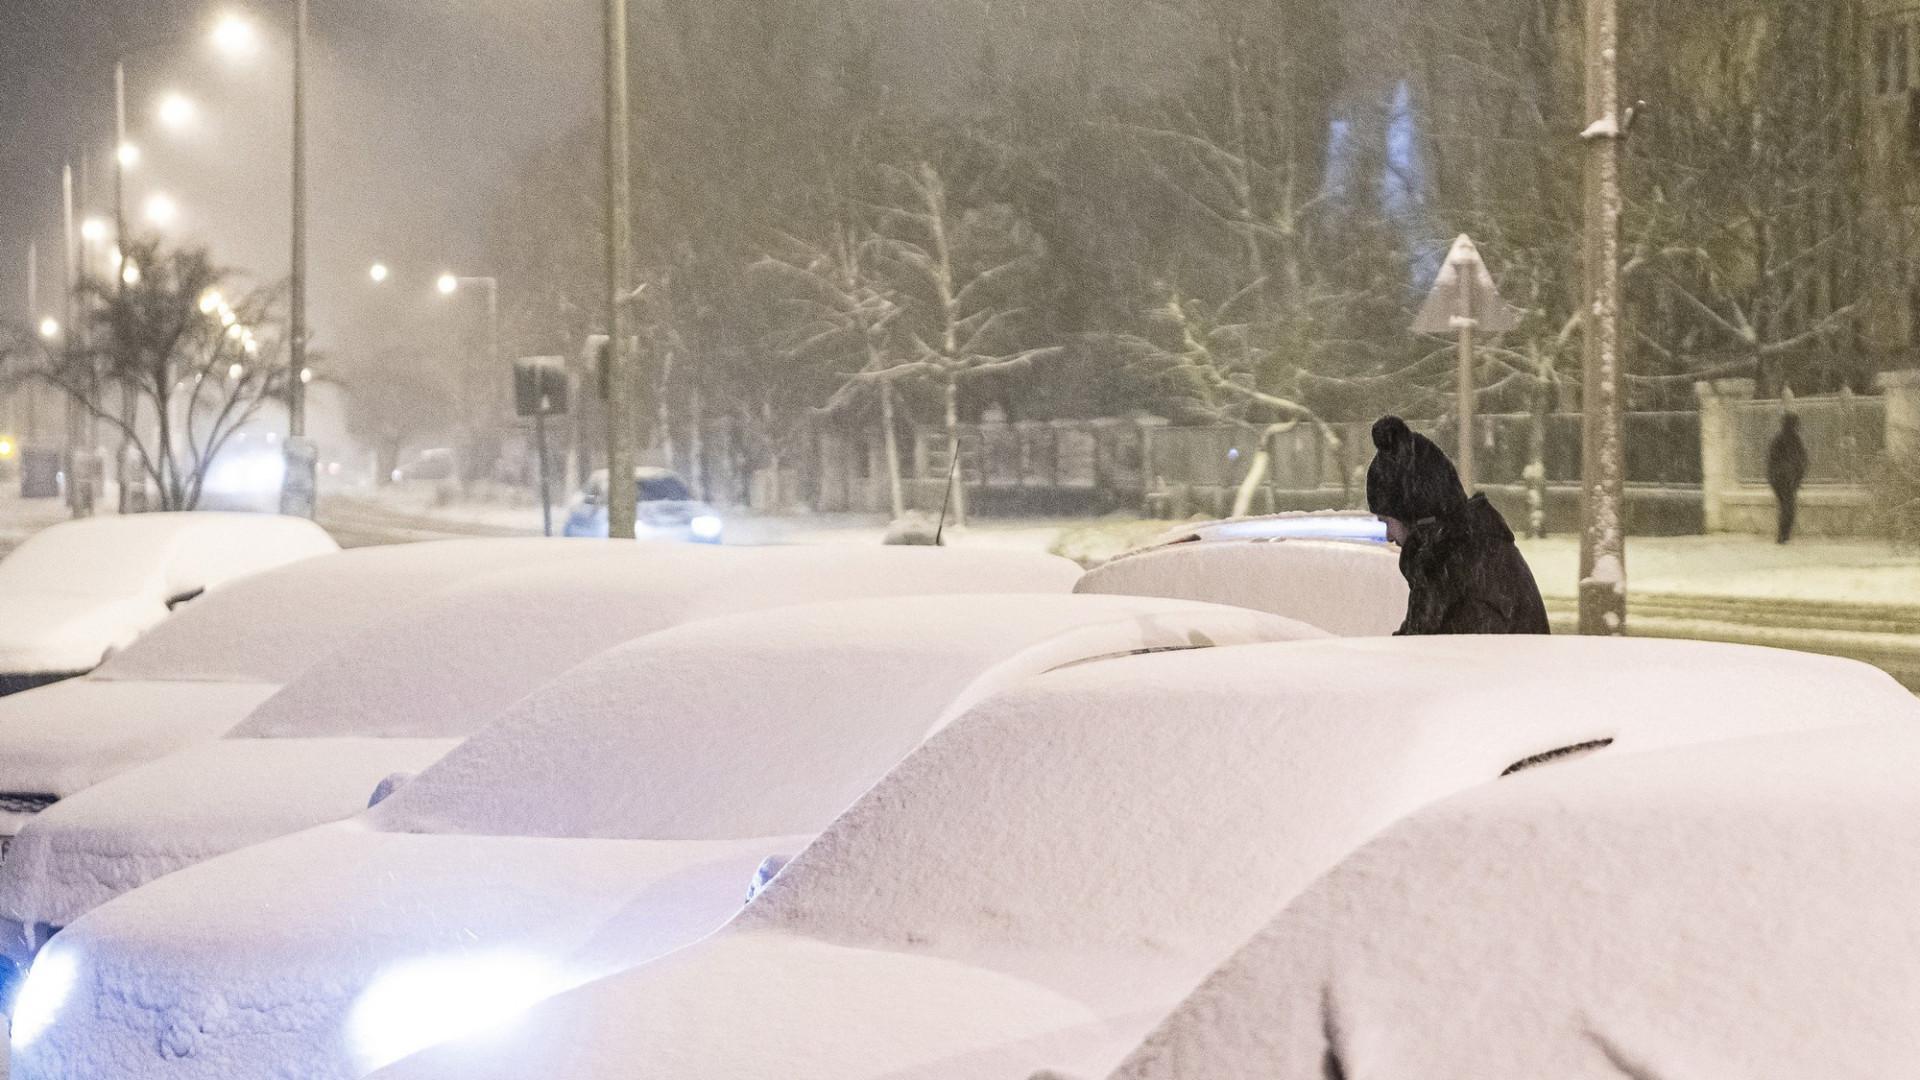 Kiadták a figyelmeztetést Budapestre és 9 megyére a nagy havazás miatt